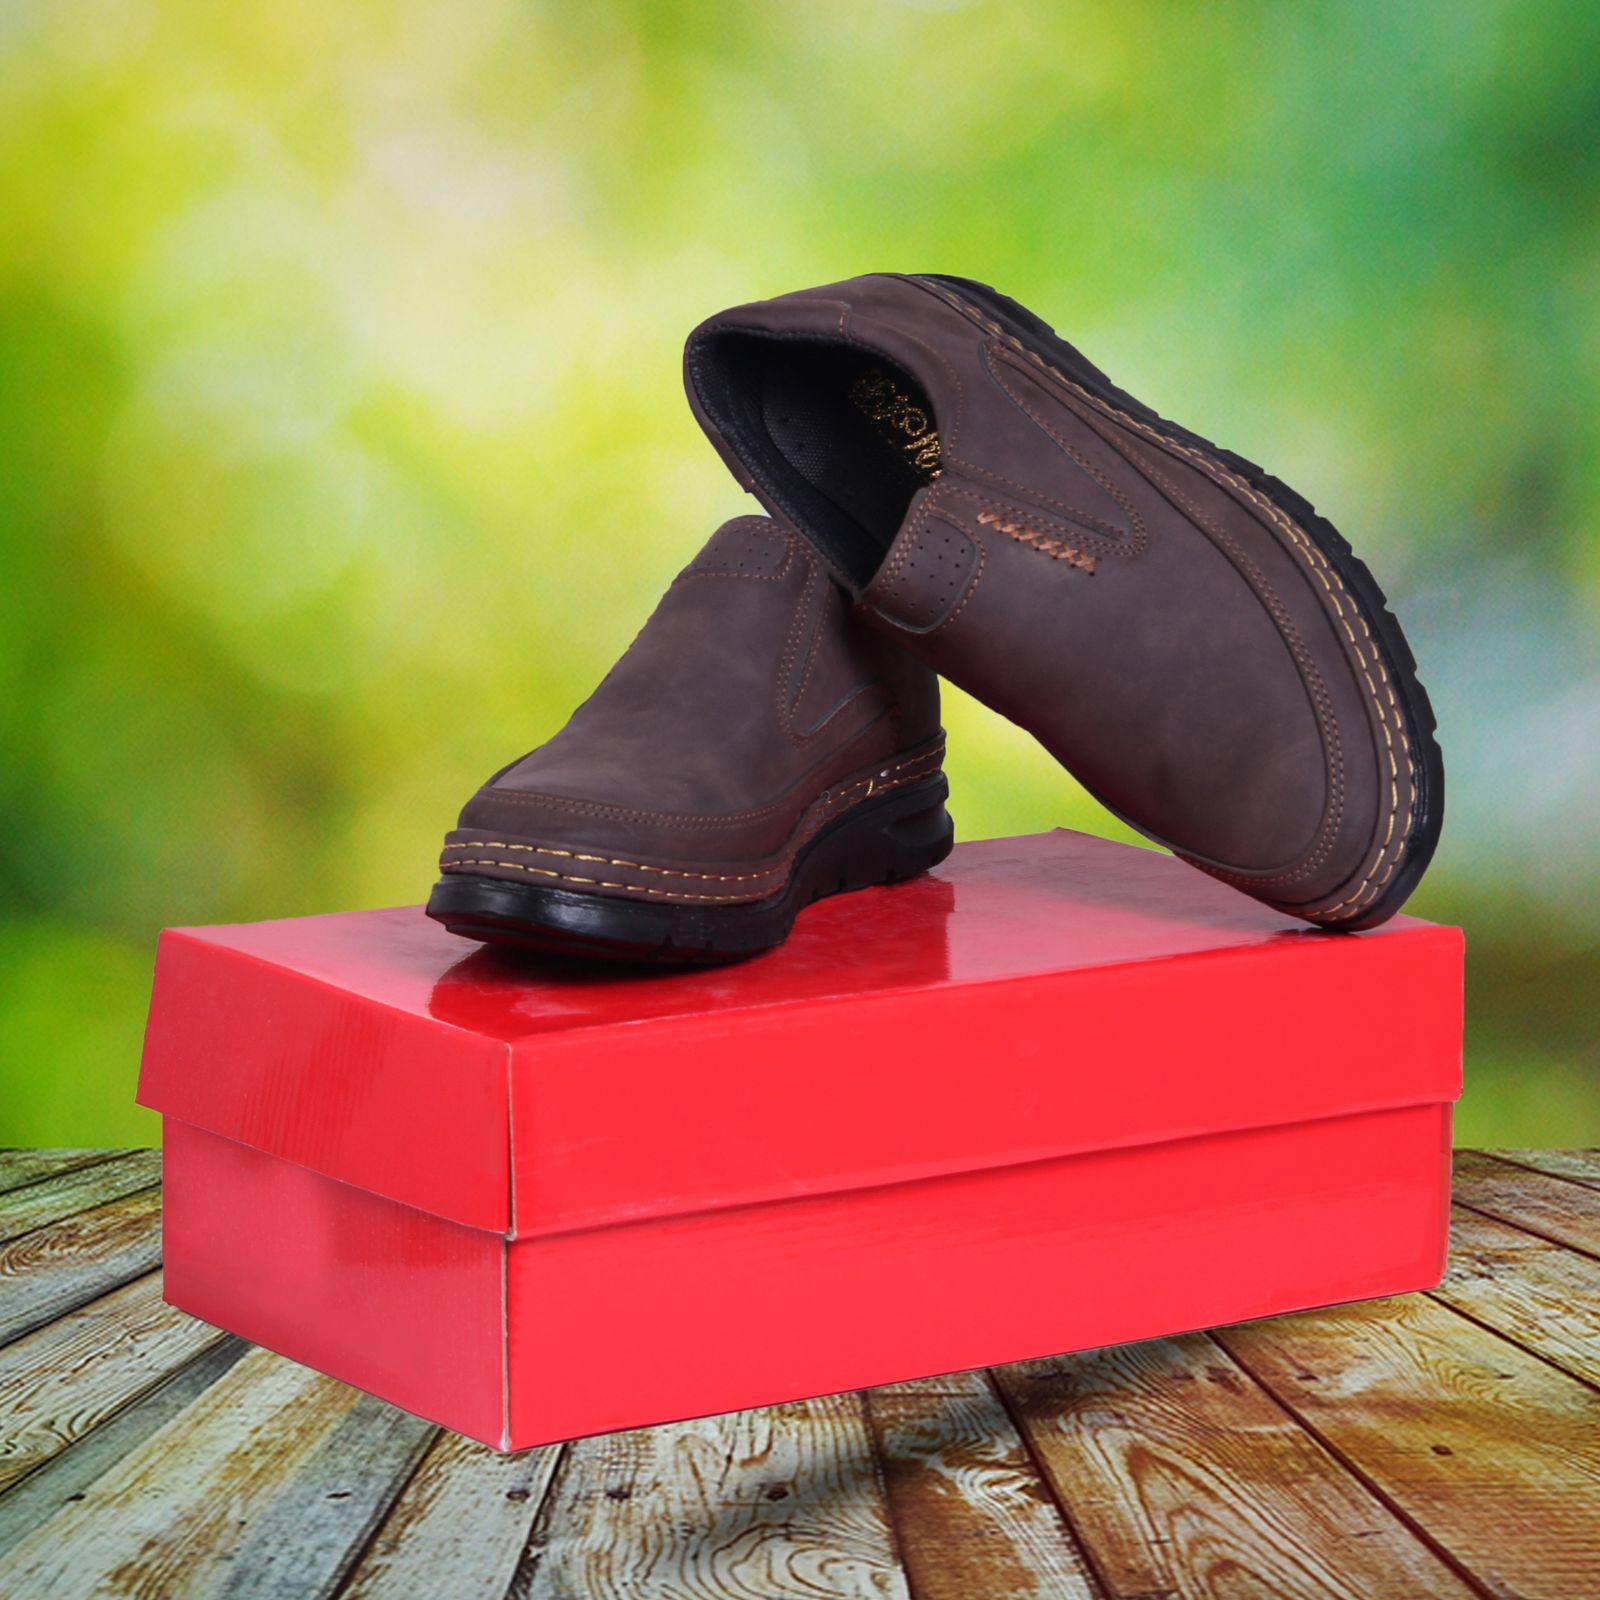 کفش روزمره مردانه کد 3-39973 -  - 5